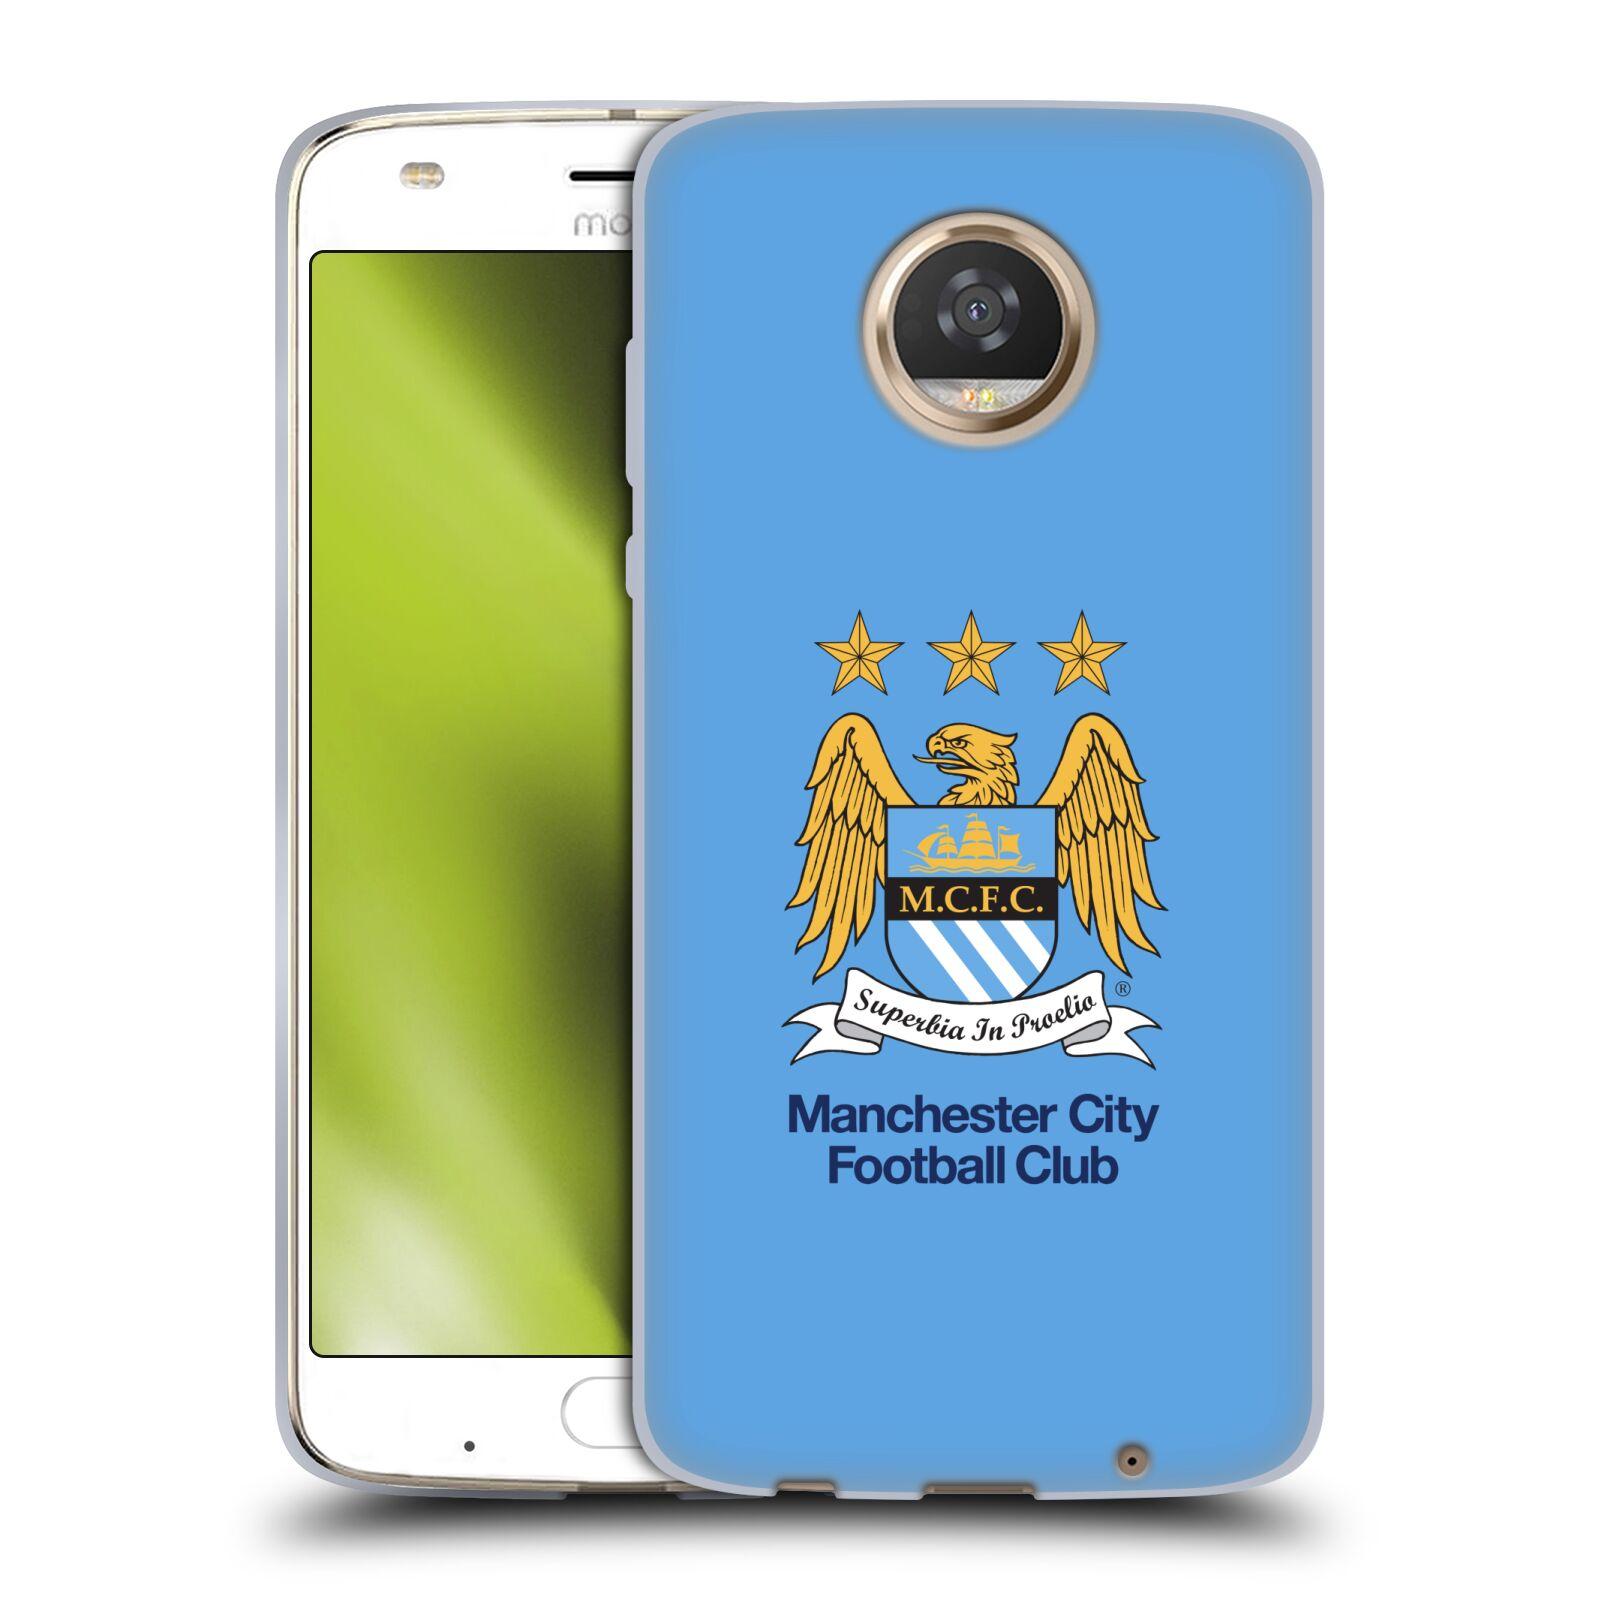 HEAD CASE silikonový obal na mobil Motorola Moto Z2 PLAY Fotbalový klub Manchester City nebesky modrá pozadí velký znak pták